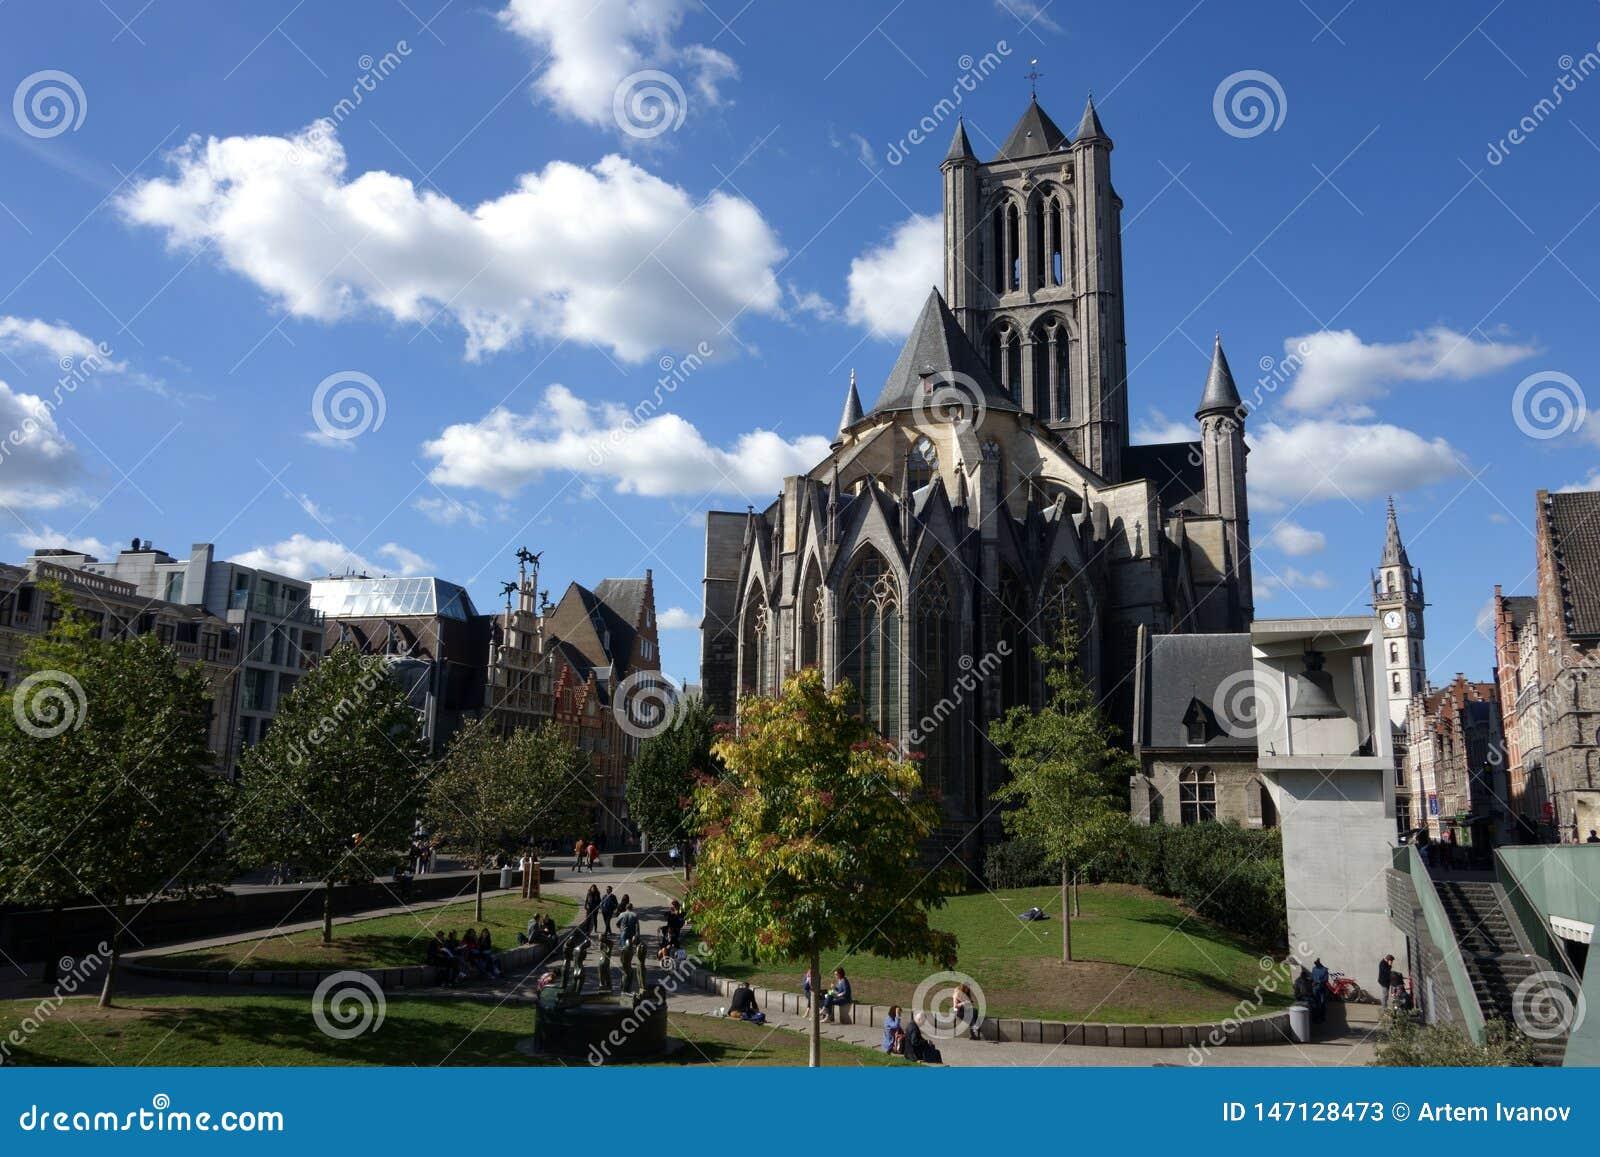 Korniszon Gocki Świątobliwy Nicholas kościół gigantyczny dzwon i